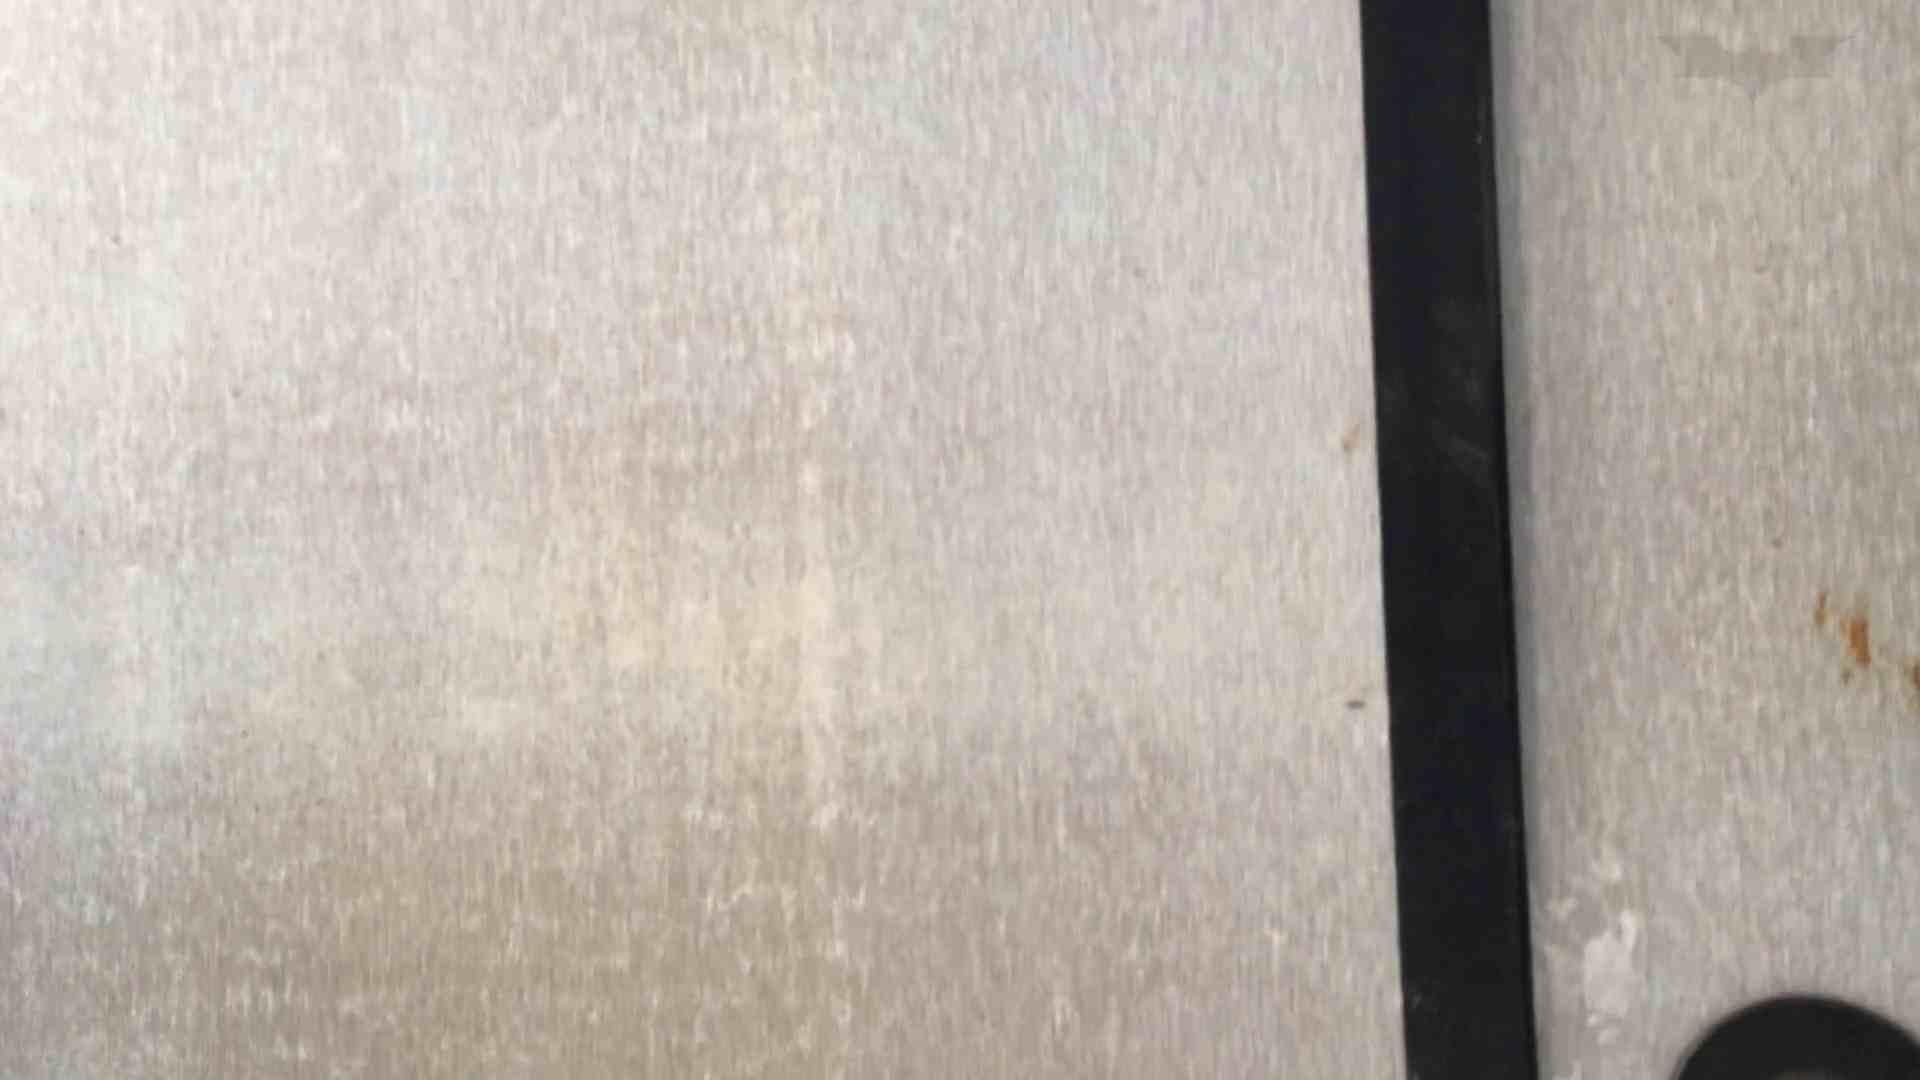 芸術大学ガチ潜入盗撮 JD盗撮 美女の洗面所の秘密 Vol.91 トイレ  72PIX 70